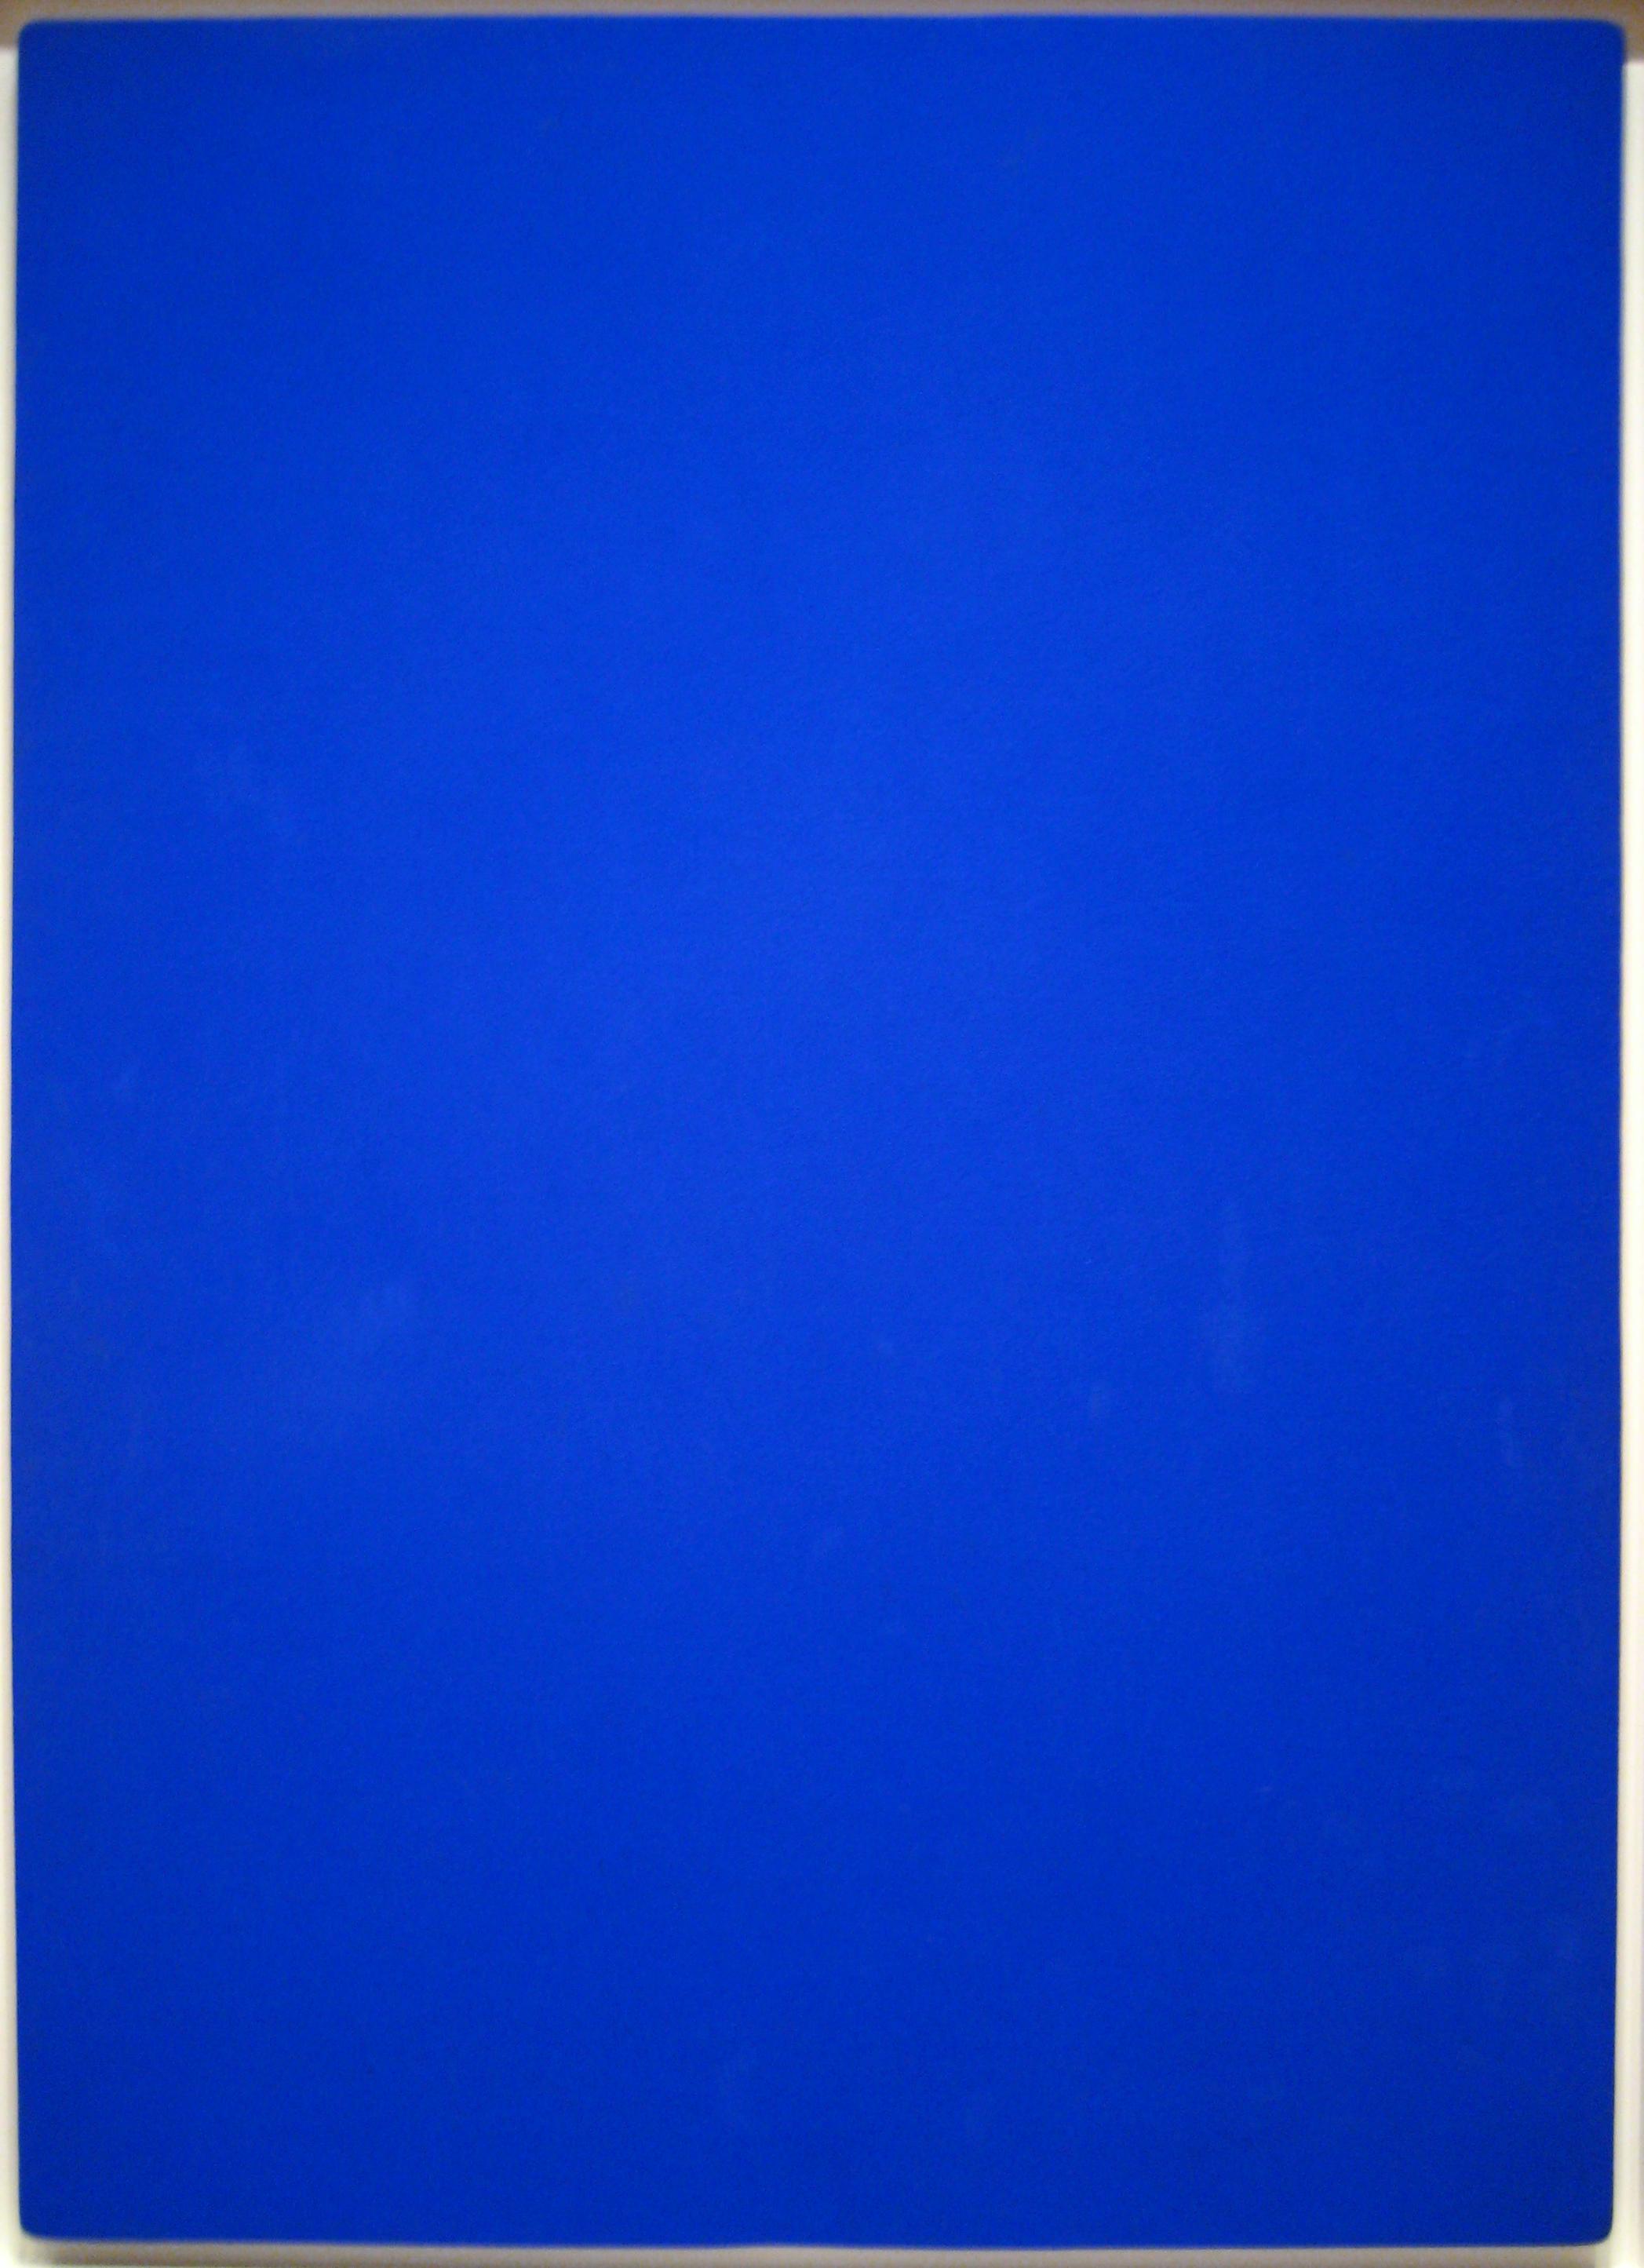 Yves Klein: Blue Monochrome (1961)